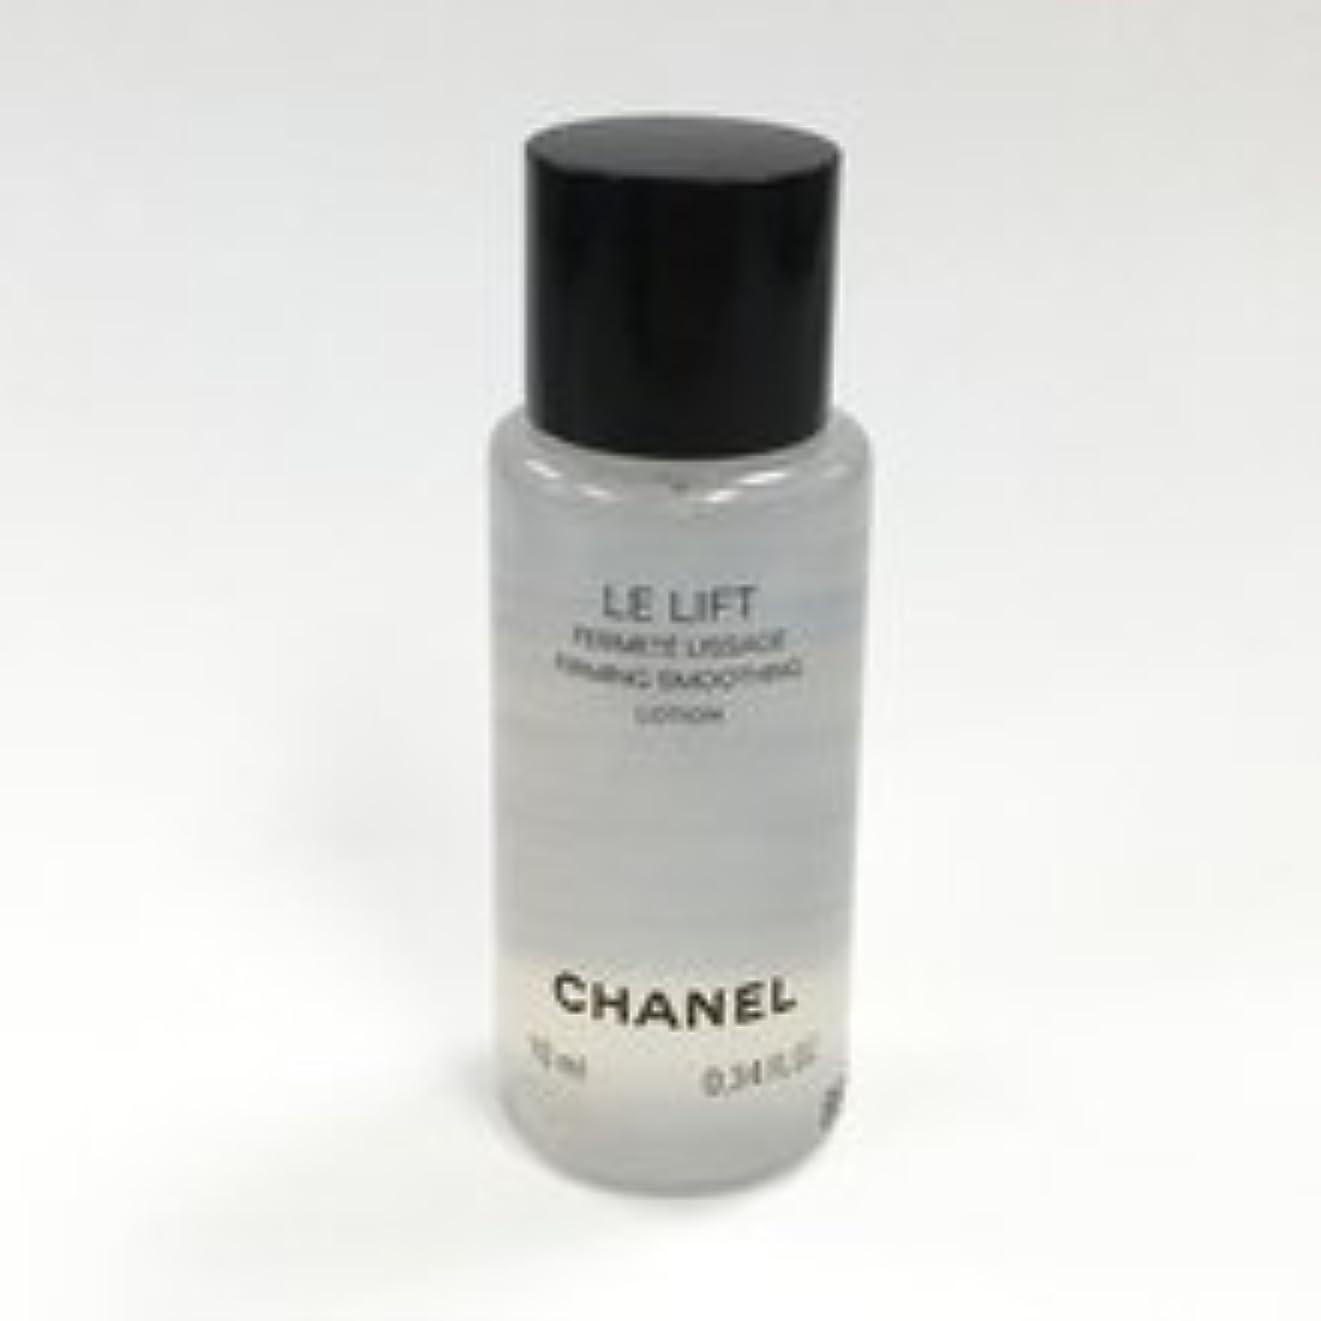 意識的乳剤ラインナップシャネル 【CHANEL】 LE L ローション 10mL【ミニチュア】 【並行輸入品】